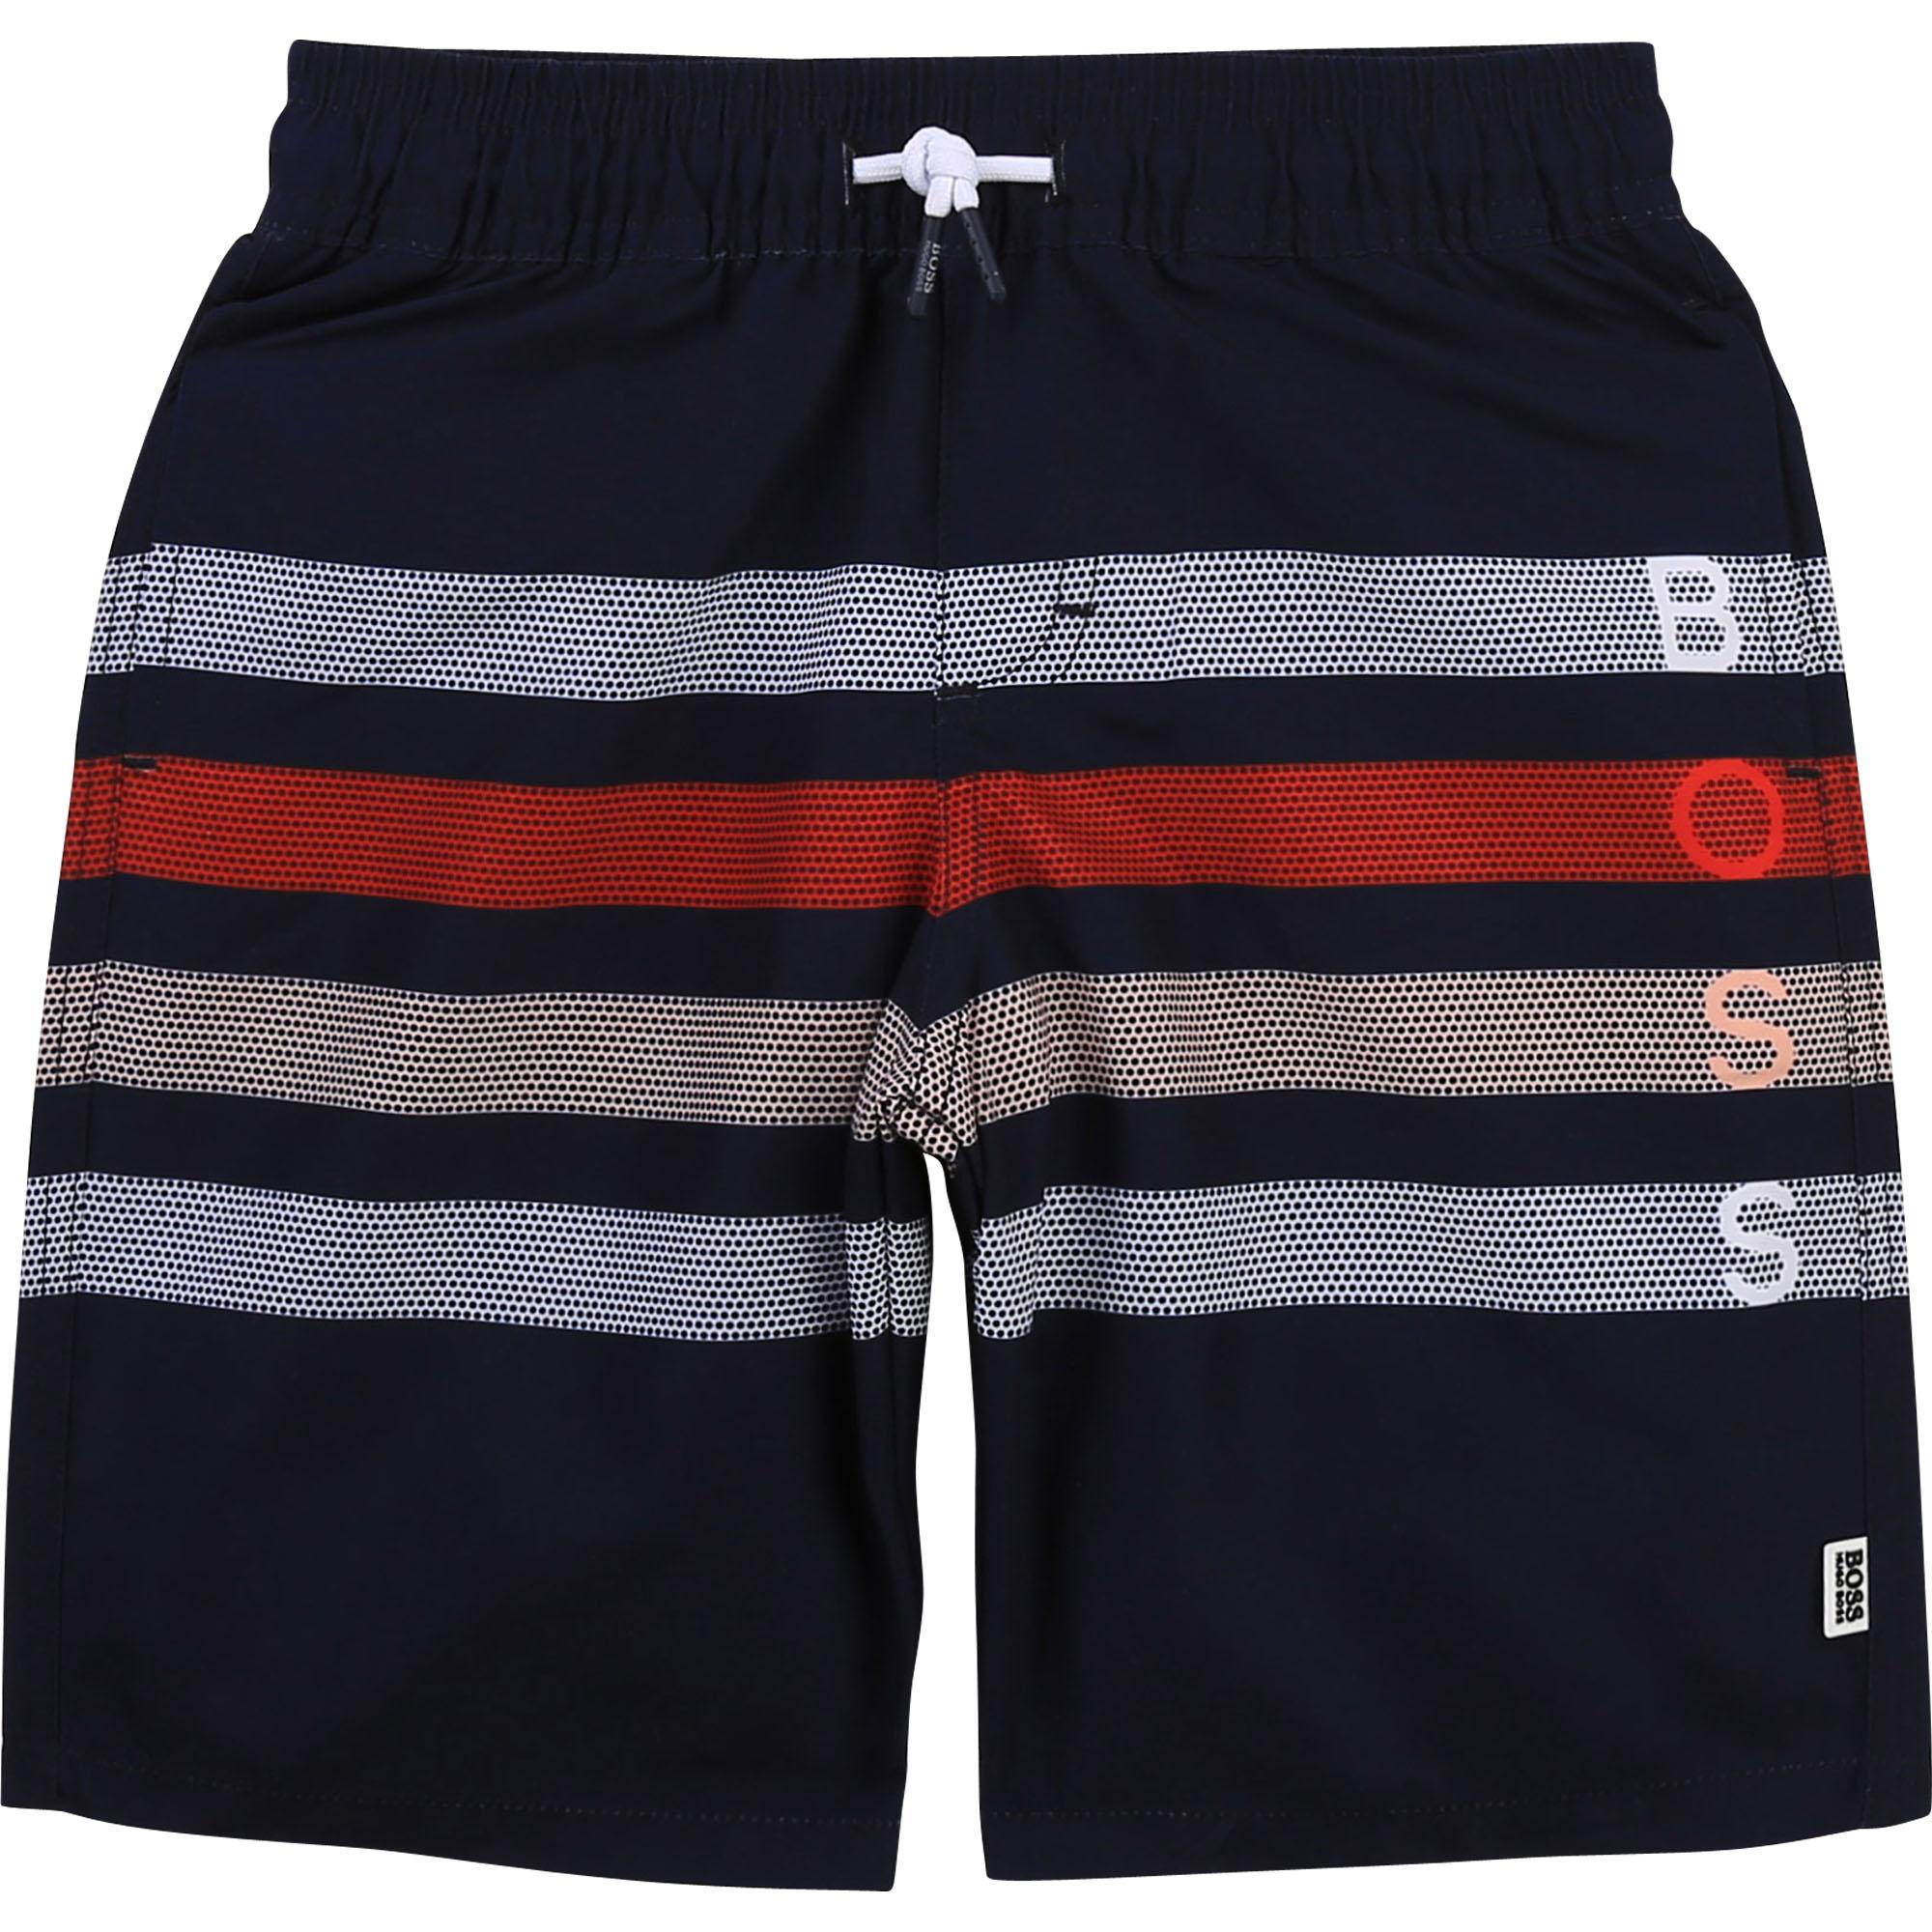 Striped bathing trunks BOSS for BOY